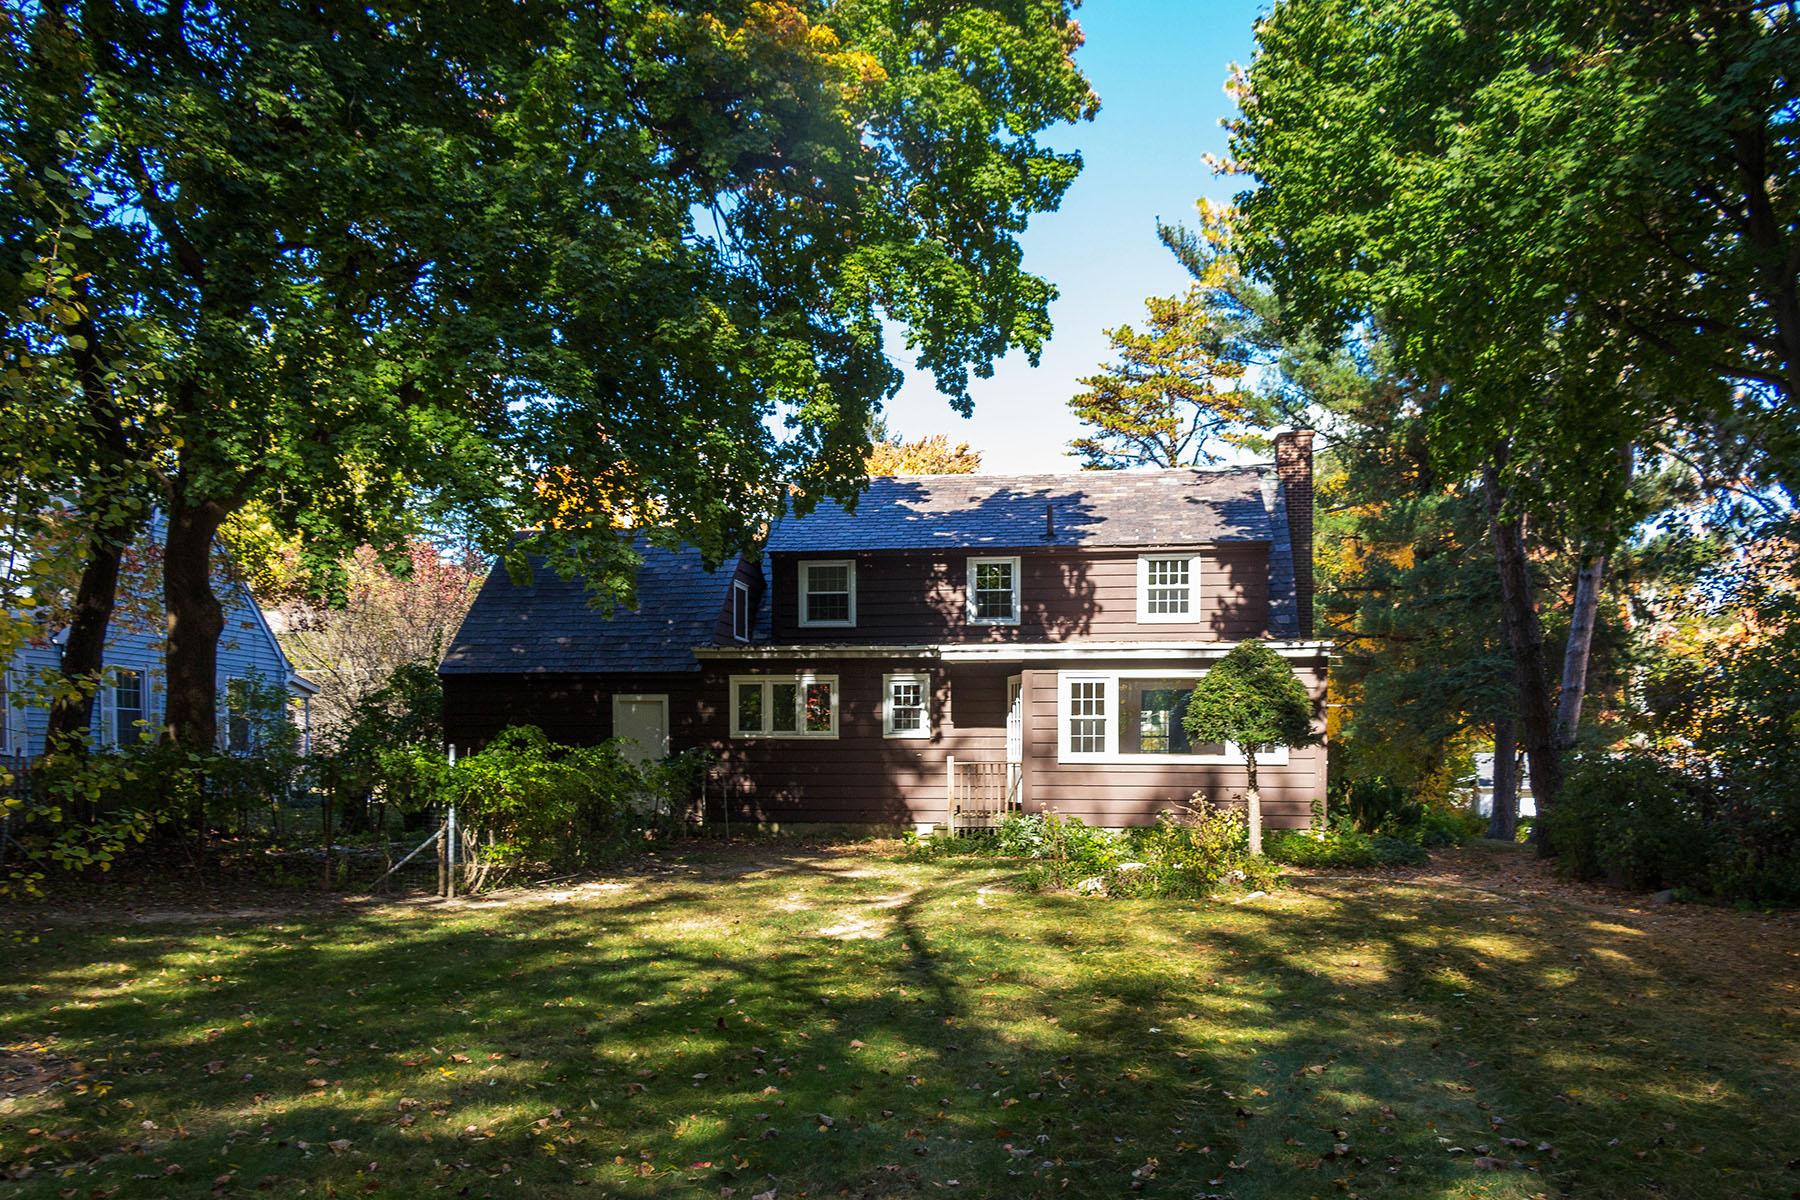 Частный односемейный дом для того Продажа на Old Niskayuna 2176 Stuyvesant St Niskayuna, 12309 Соединенные Штаты